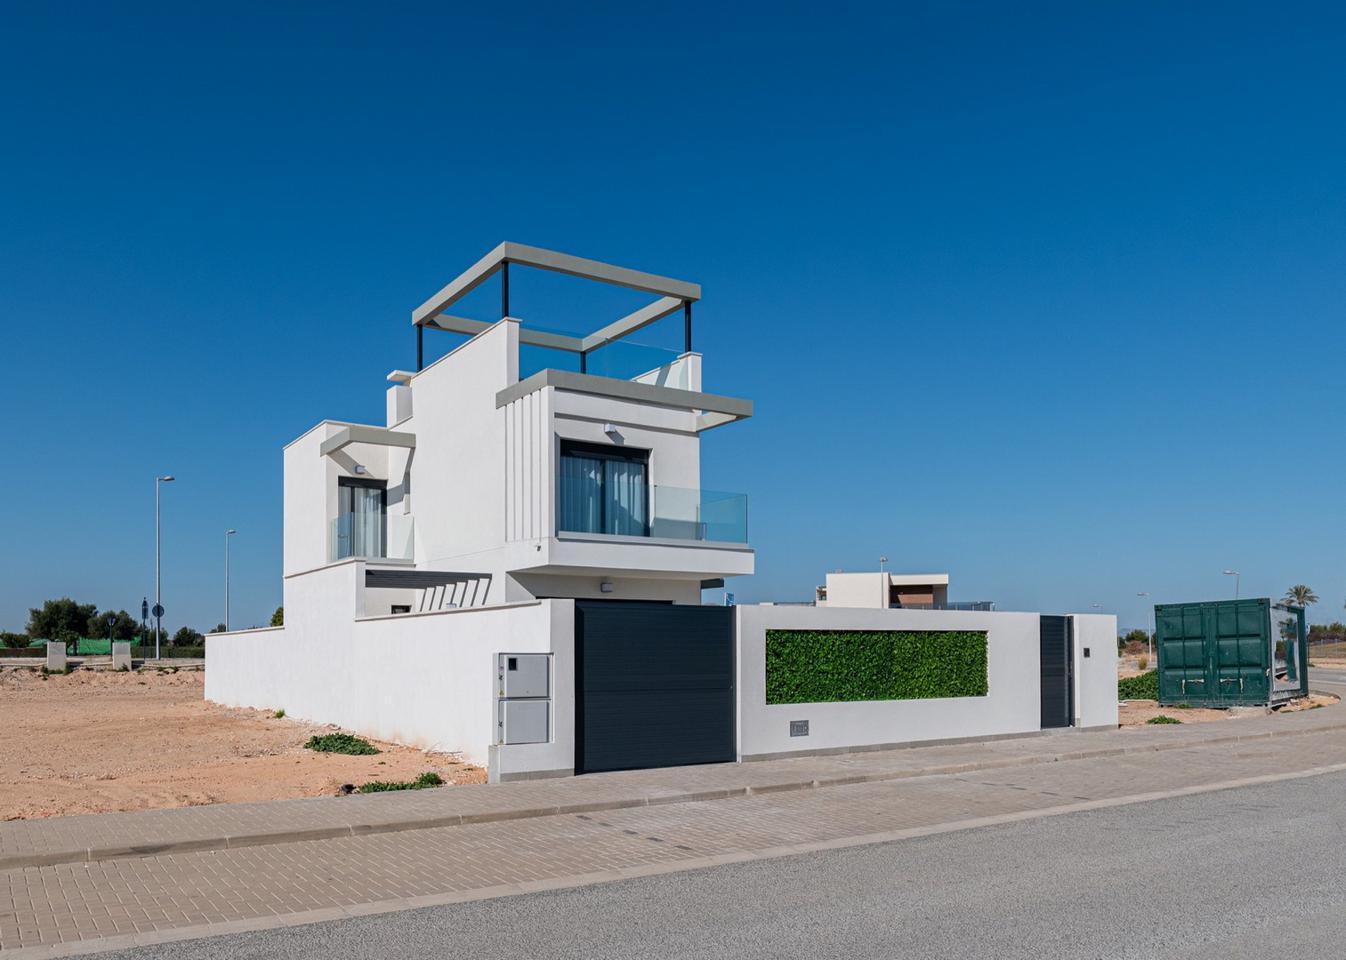 Complejo de lujo de 24 nuevas villas adosadas con piscina privada y plaza de aparcamiento - imagenInmueble19